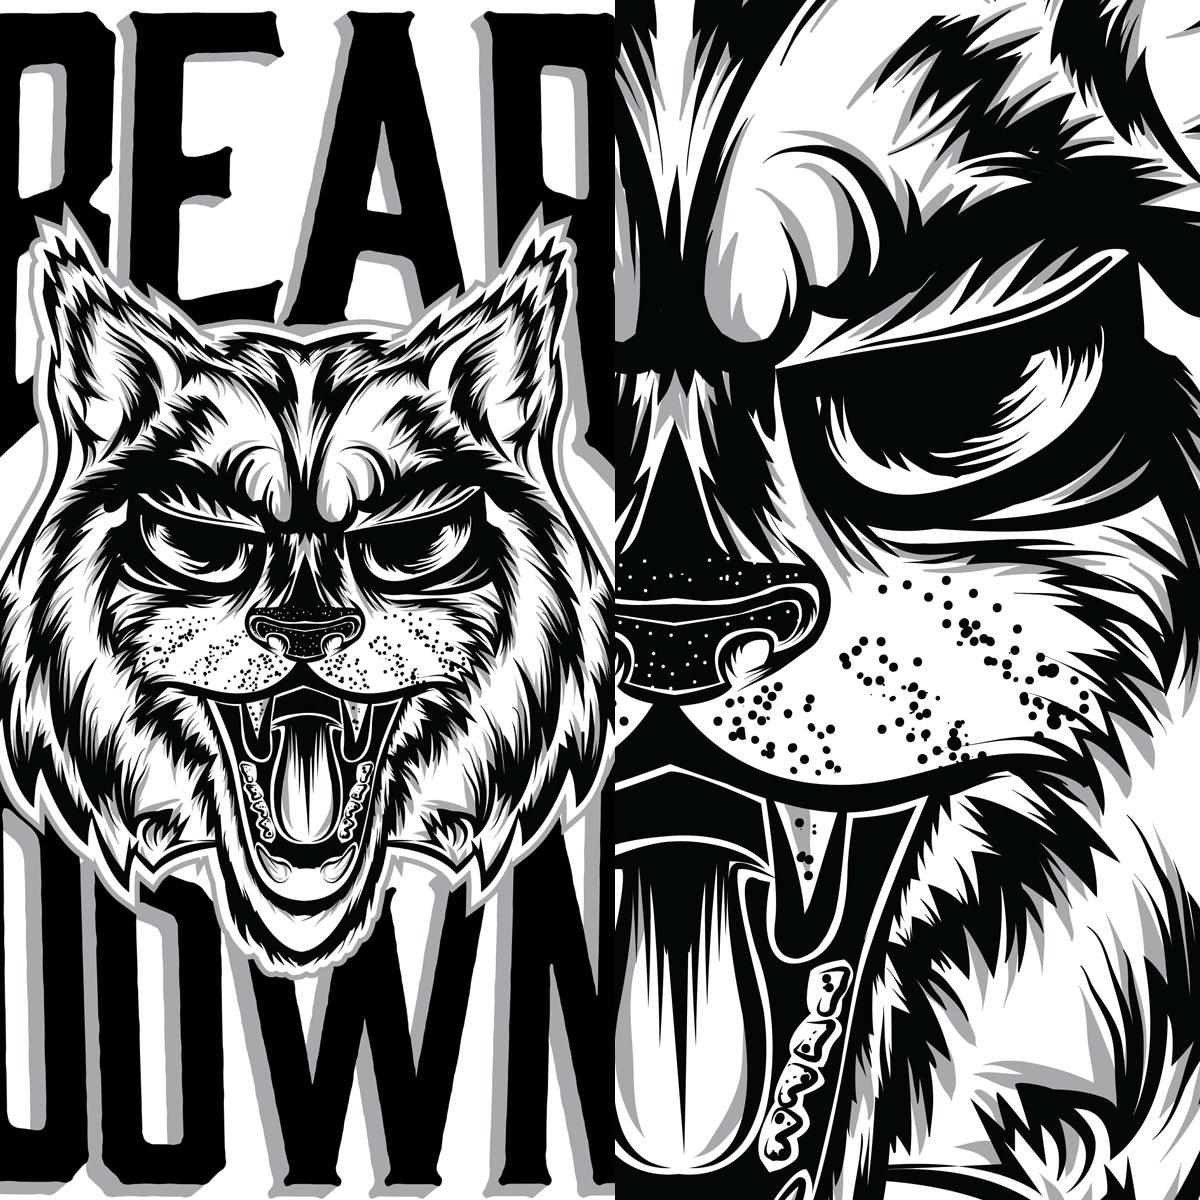 UofAWildcat